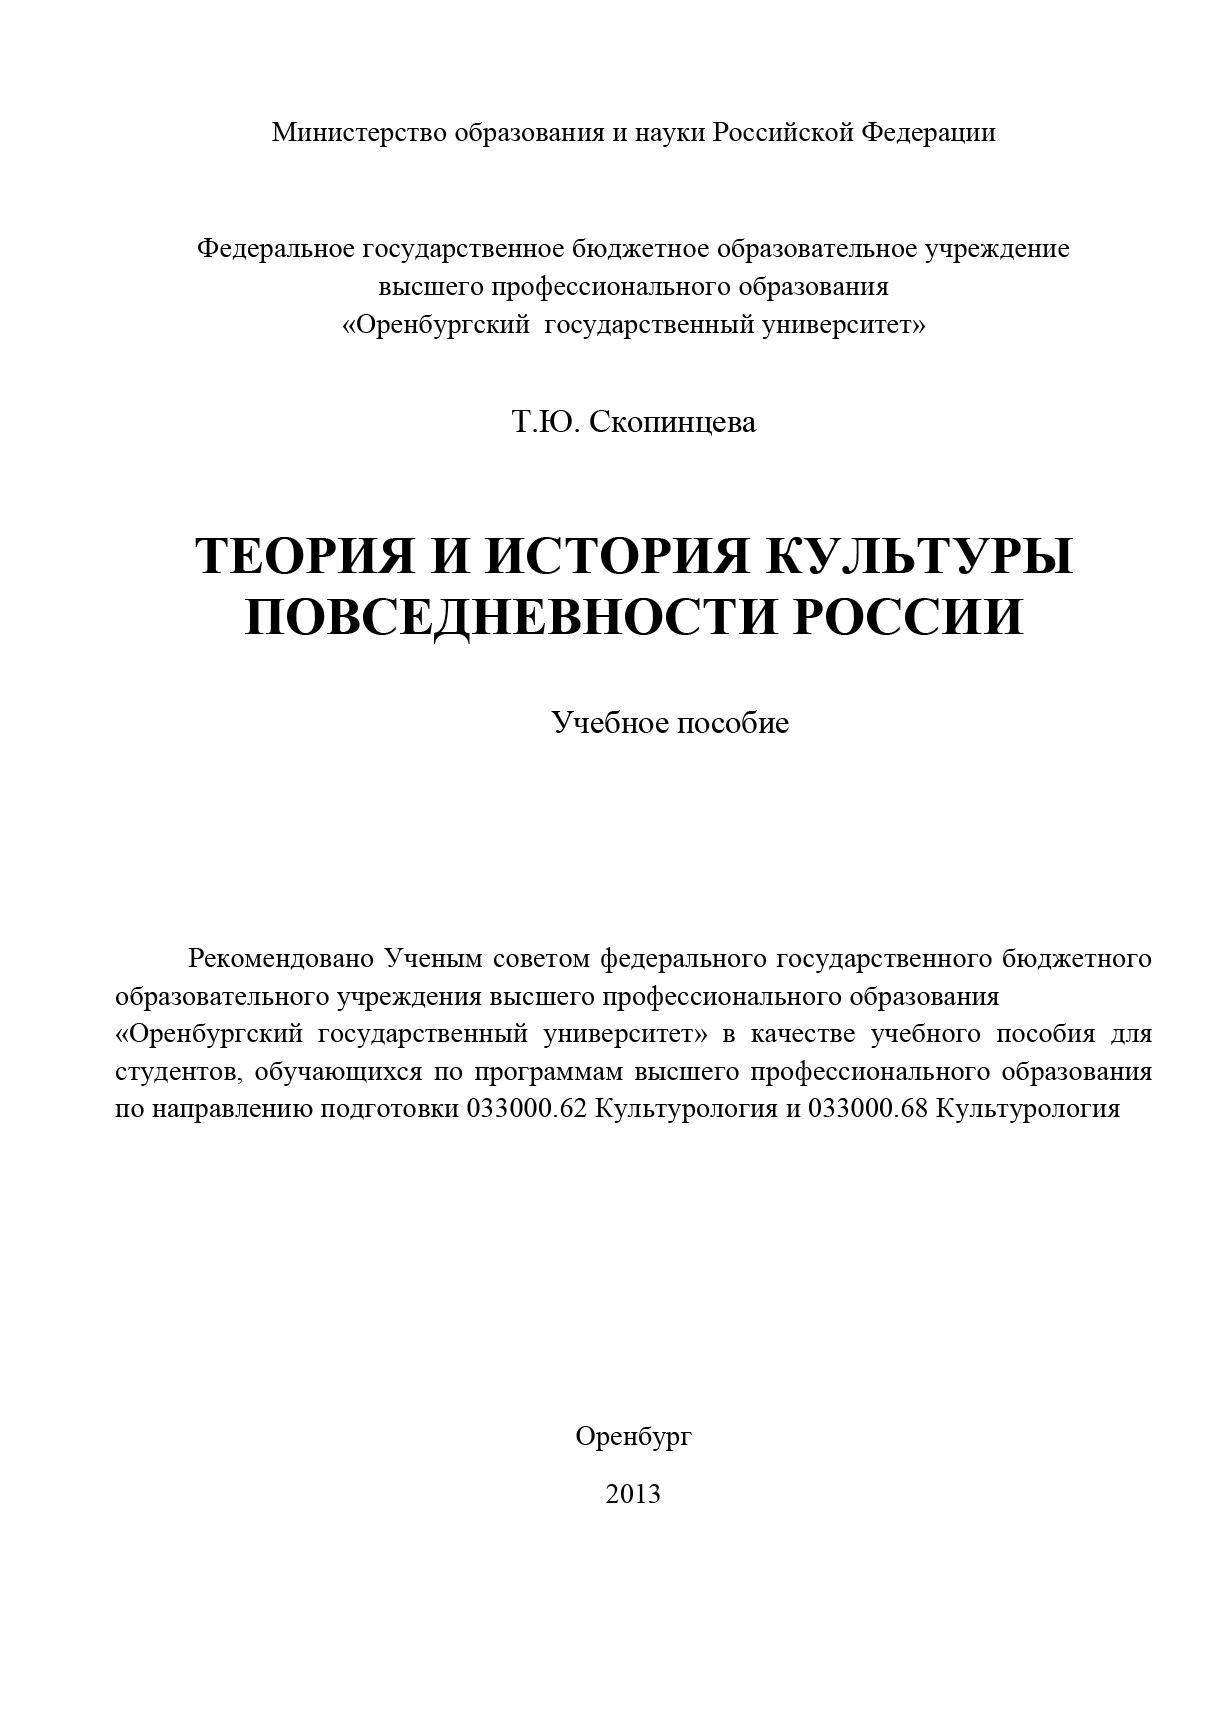 Т. Ю. Скопинцева Теория и история культуры повседневности России